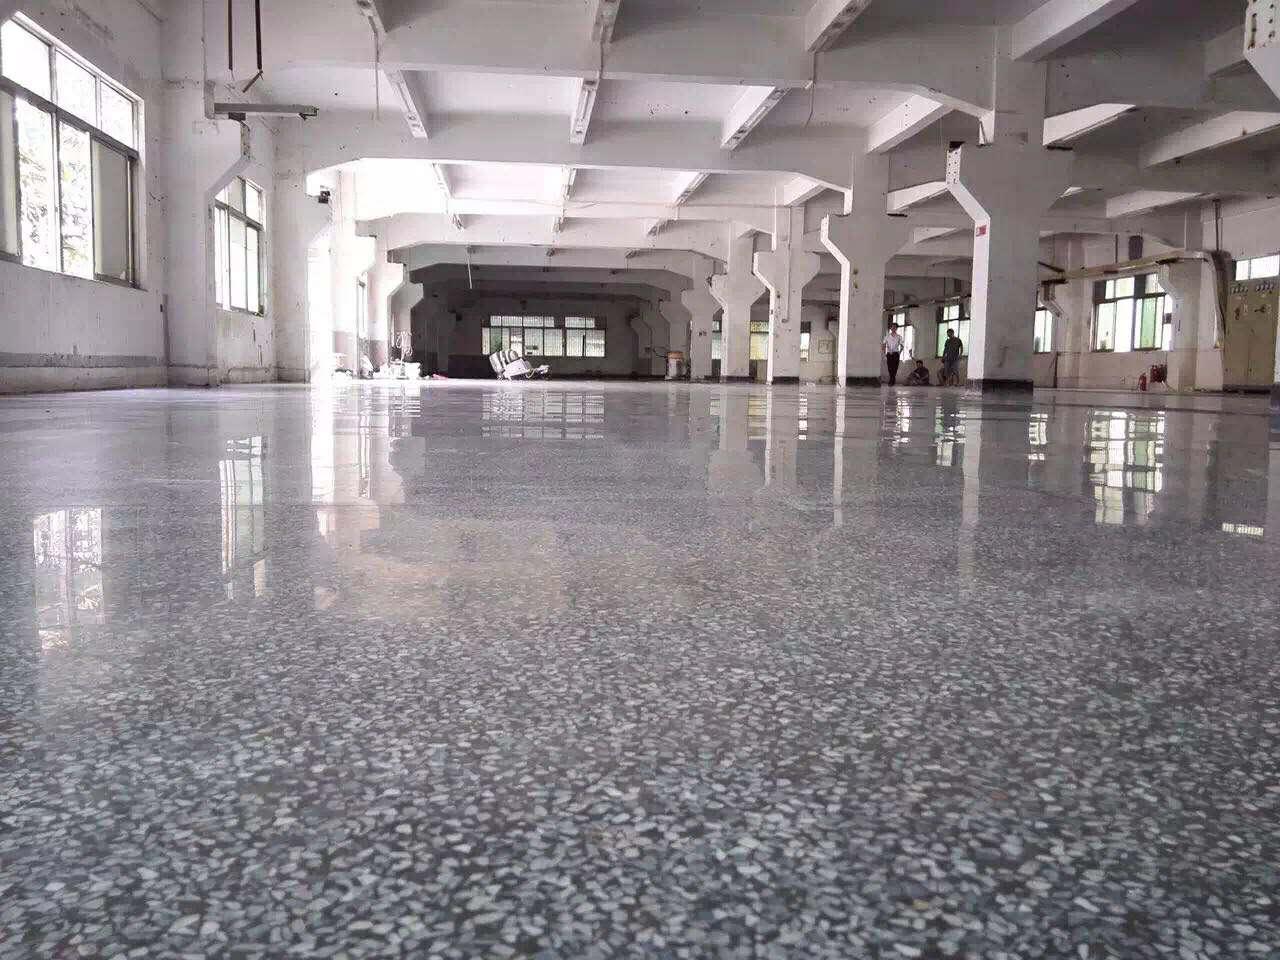 密封固化剂地坪还是厦门安茂福的好-密封固化剂地坪公司